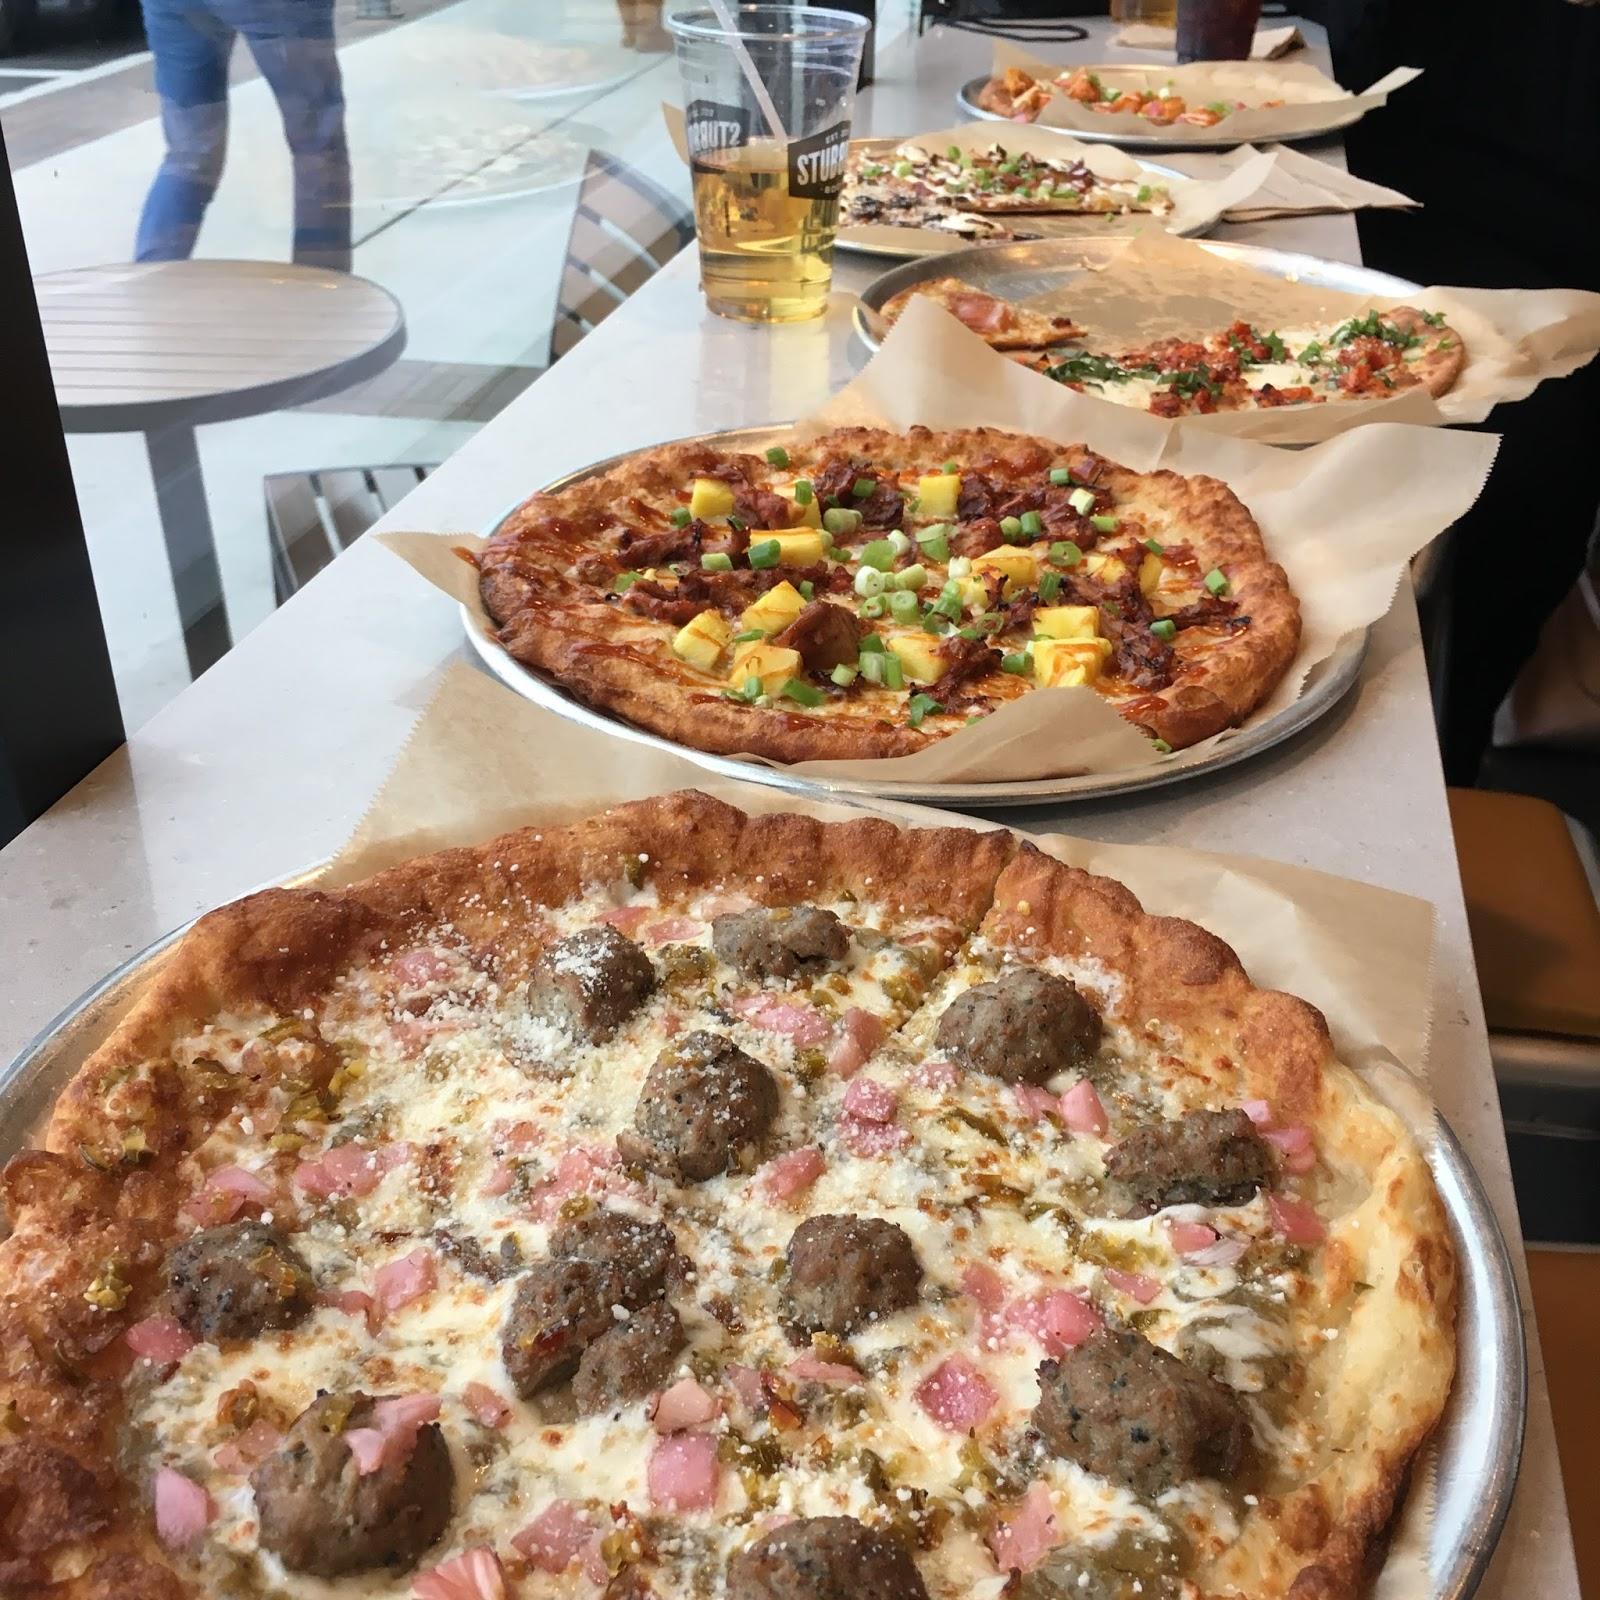 Best Gluten-Free Pizza in Boston